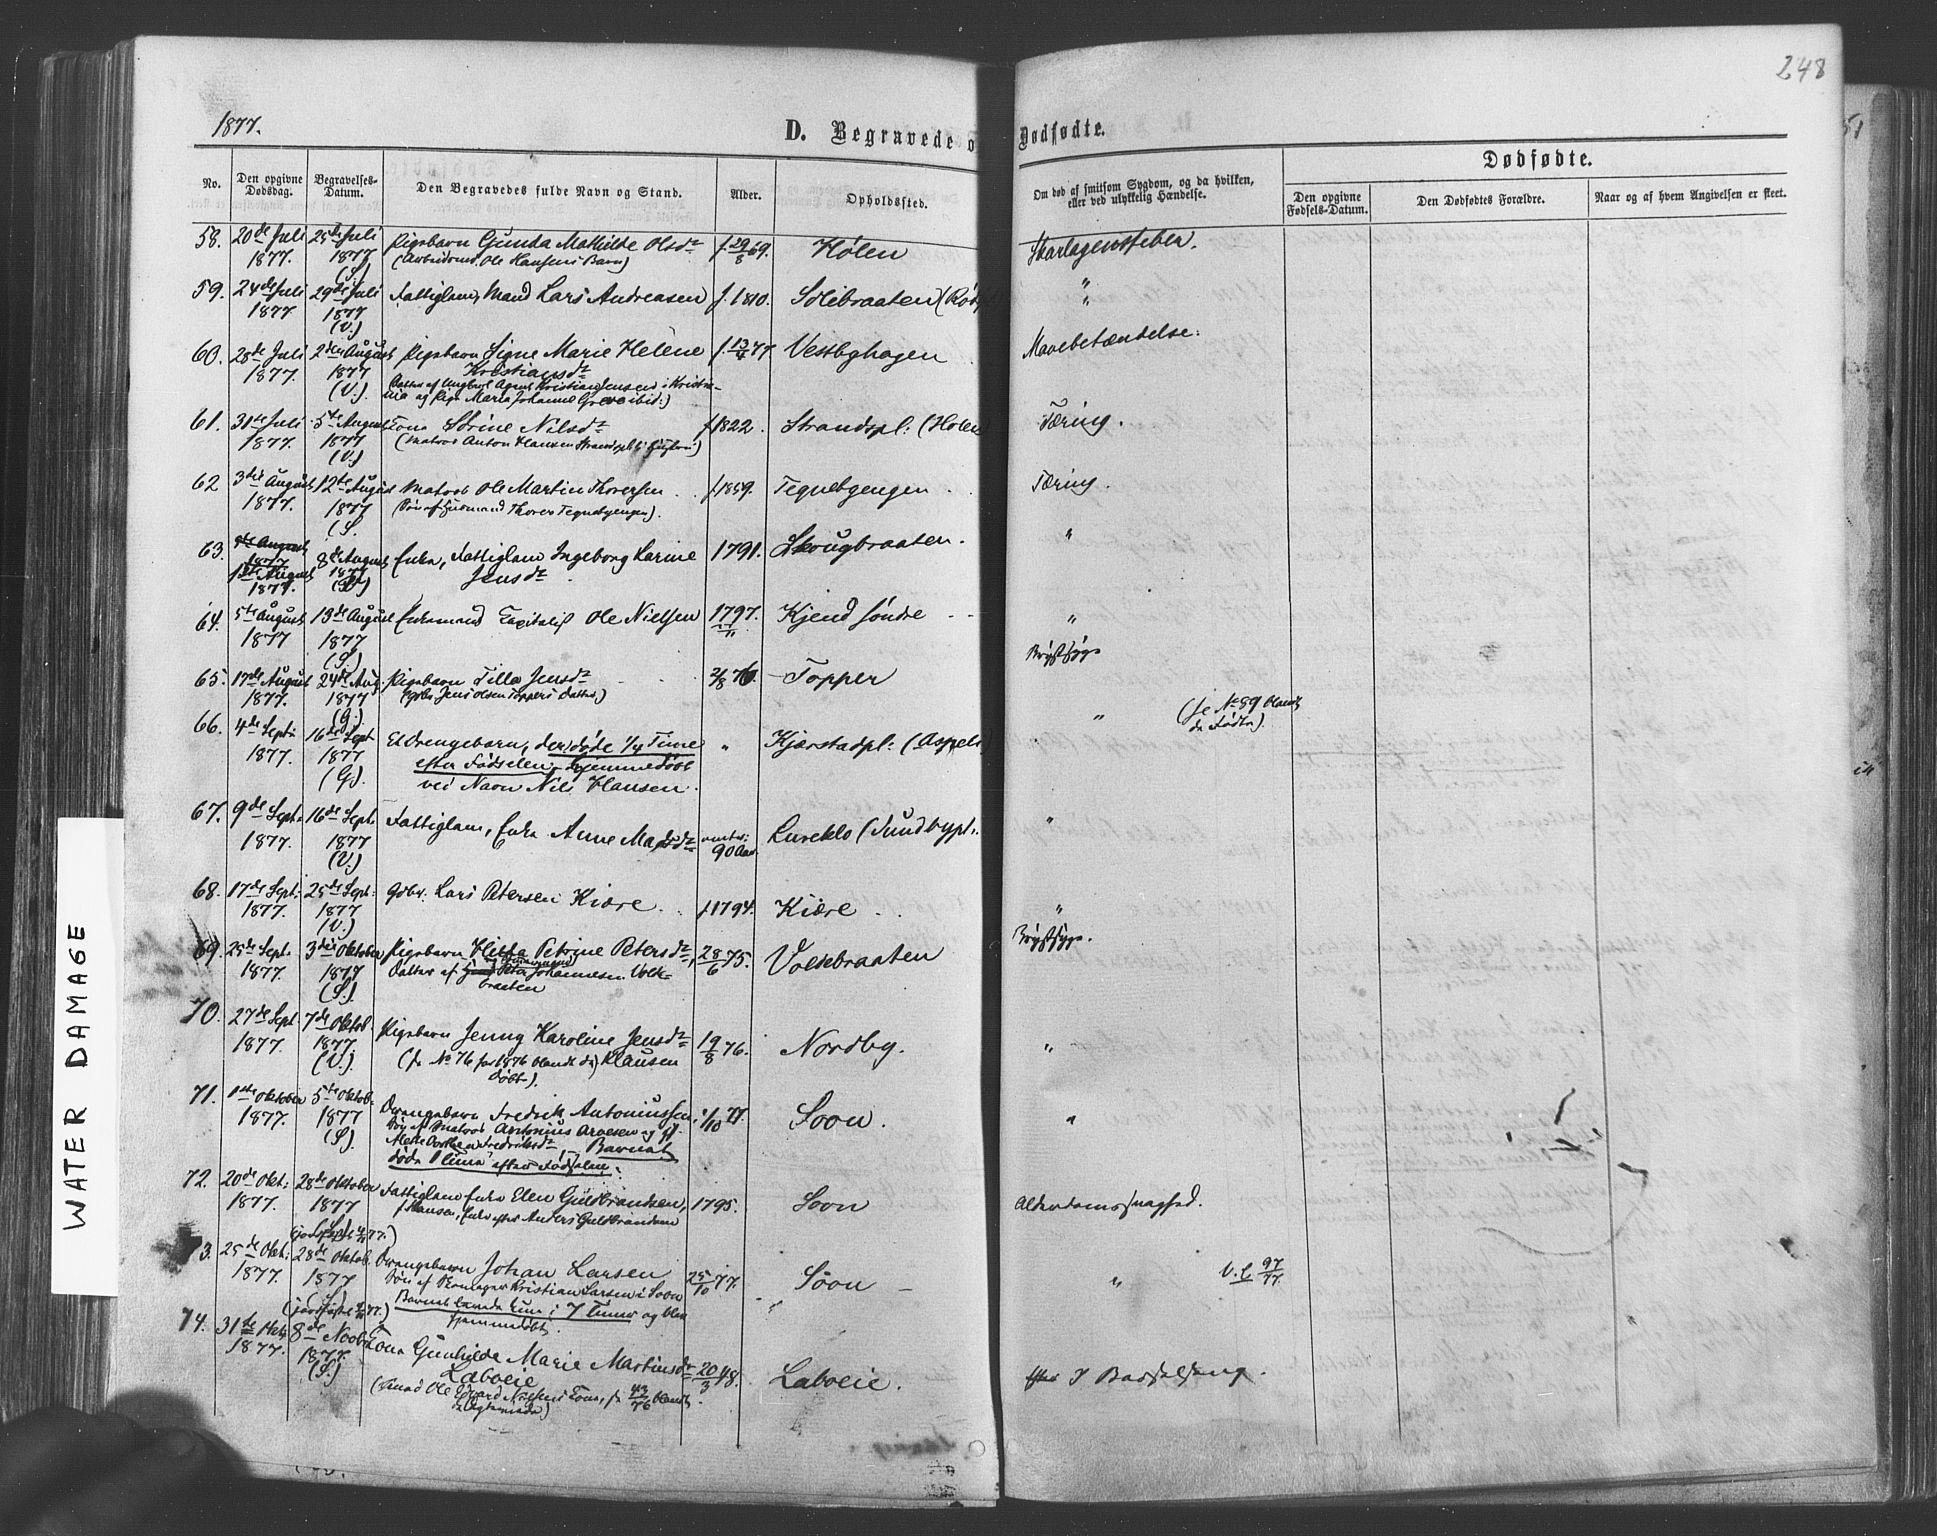 SAO, Vestby prestekontor Kirkebøker, F/Fa/L0008: Ministerialbok nr. I 8, 1863-1877, s. 248